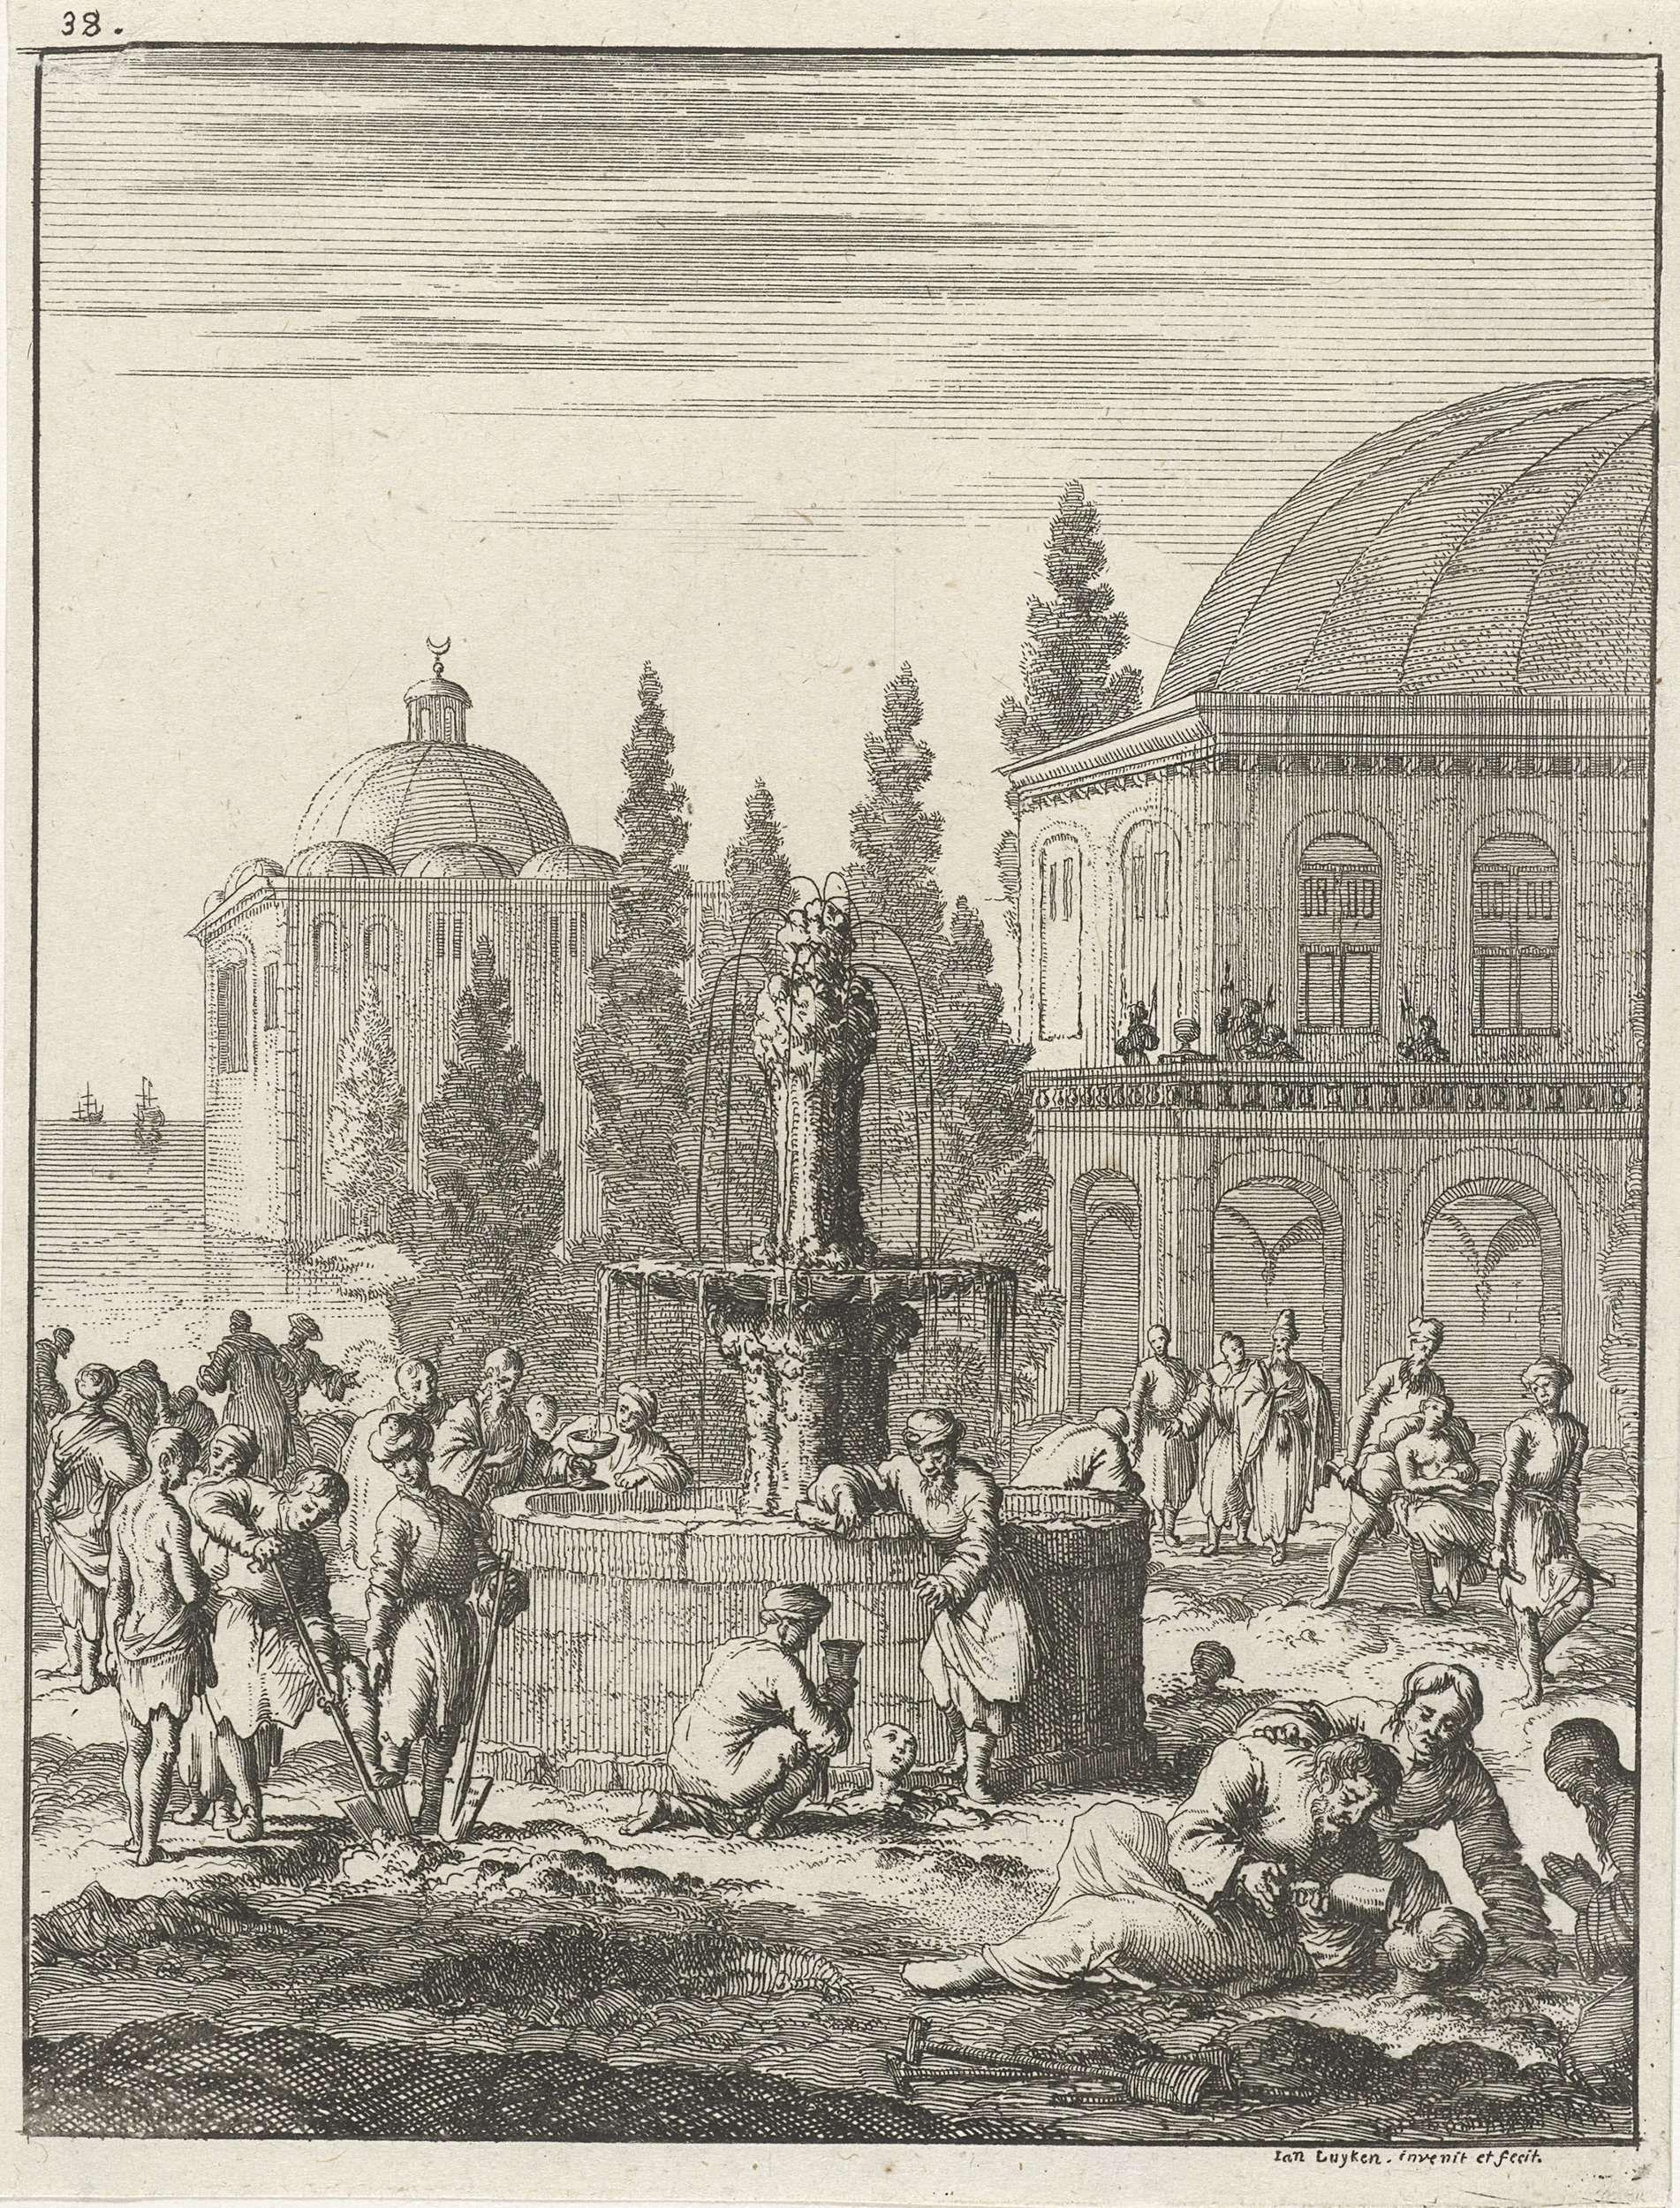 Jan Luyken | Heilzame fontein te Constantinopel waar de zieken in de bodem worden begraven en gedrenkt, Jan Luyken, 1681 | Prent linksboven genummerd: 38.